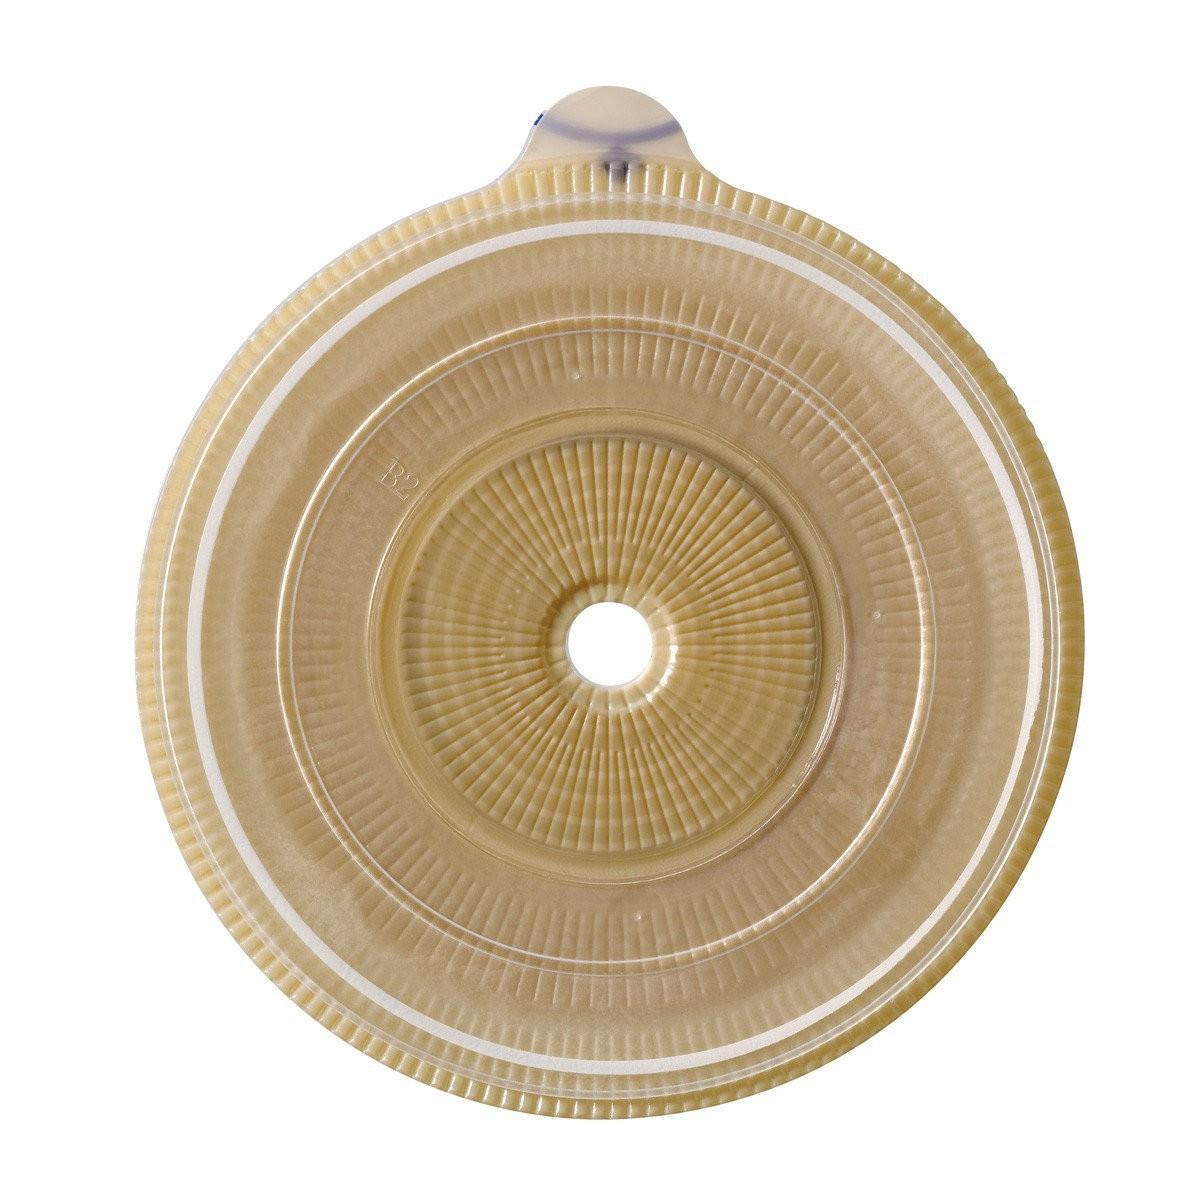 Купить Пластина Easiflex для двухкомпонентного калоприёмника (размер фланца: 90 мм) в Минске, самовывоз, курьерская доставка, отправка почтой по Беларуси